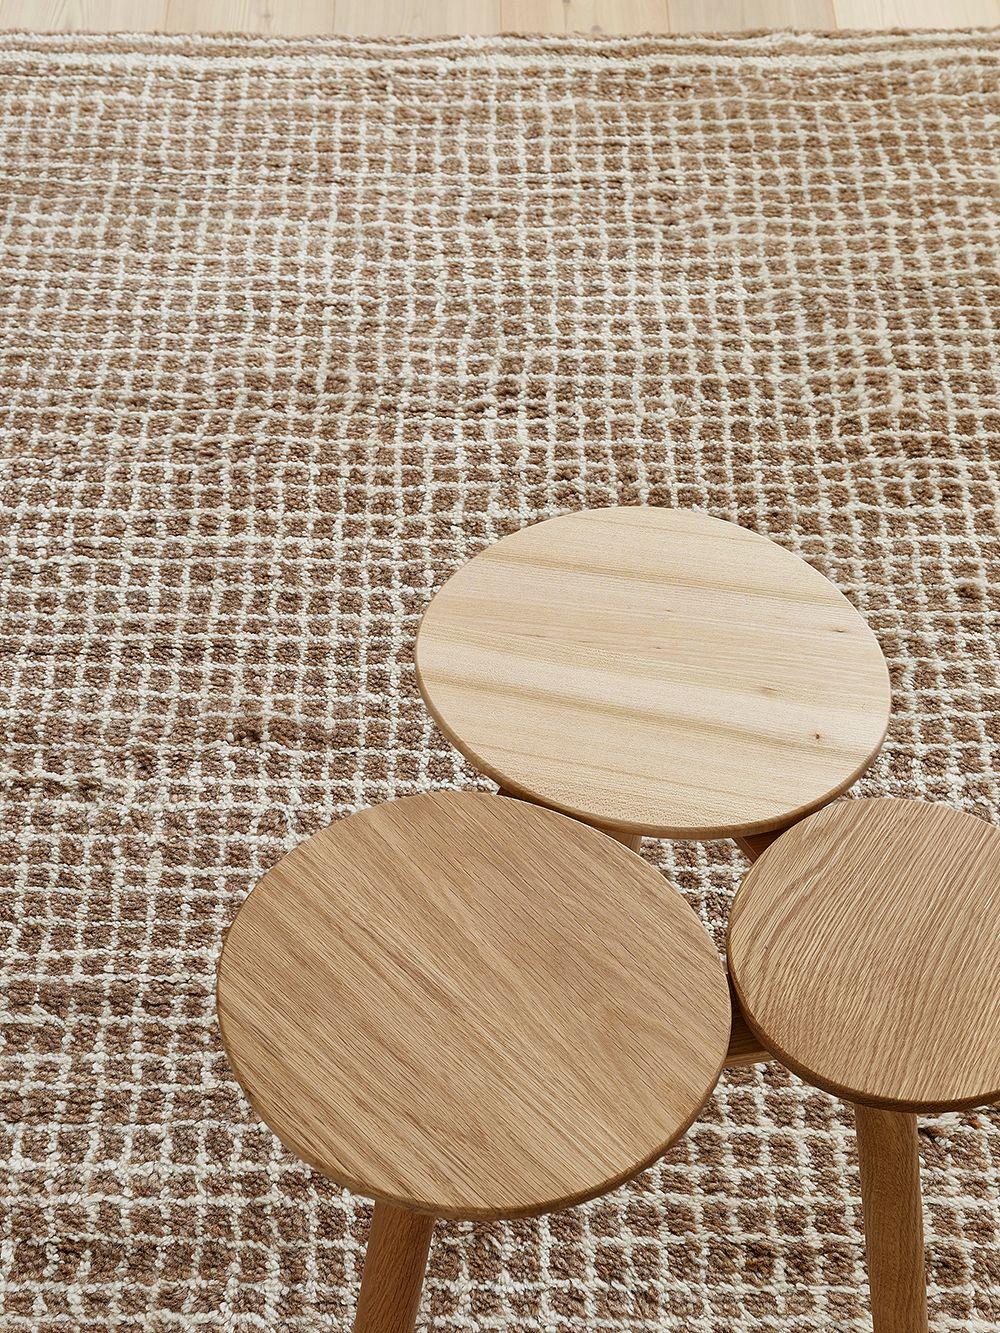 Nikari July stool and Woodnotes Uni Grid rug